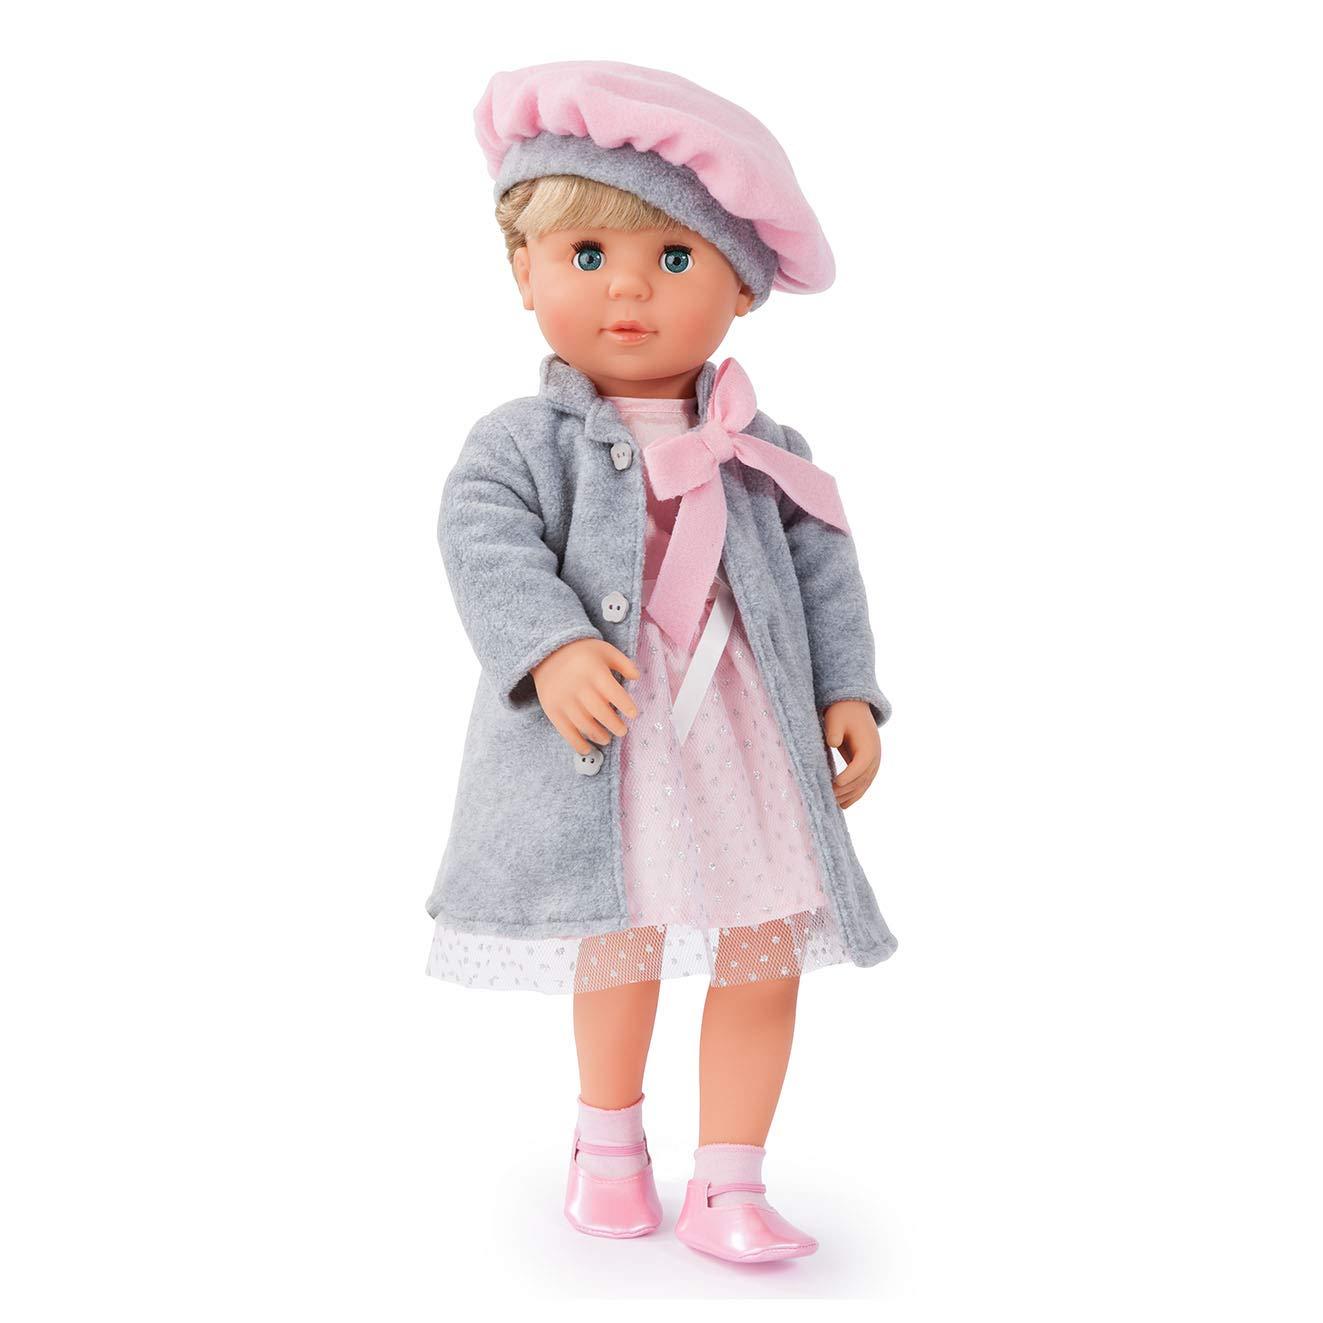 Bayer Design 94635 46cm Charlene Funktionspuppe mit Haaren und Schlafaugen günstig kaufen Babypuppen